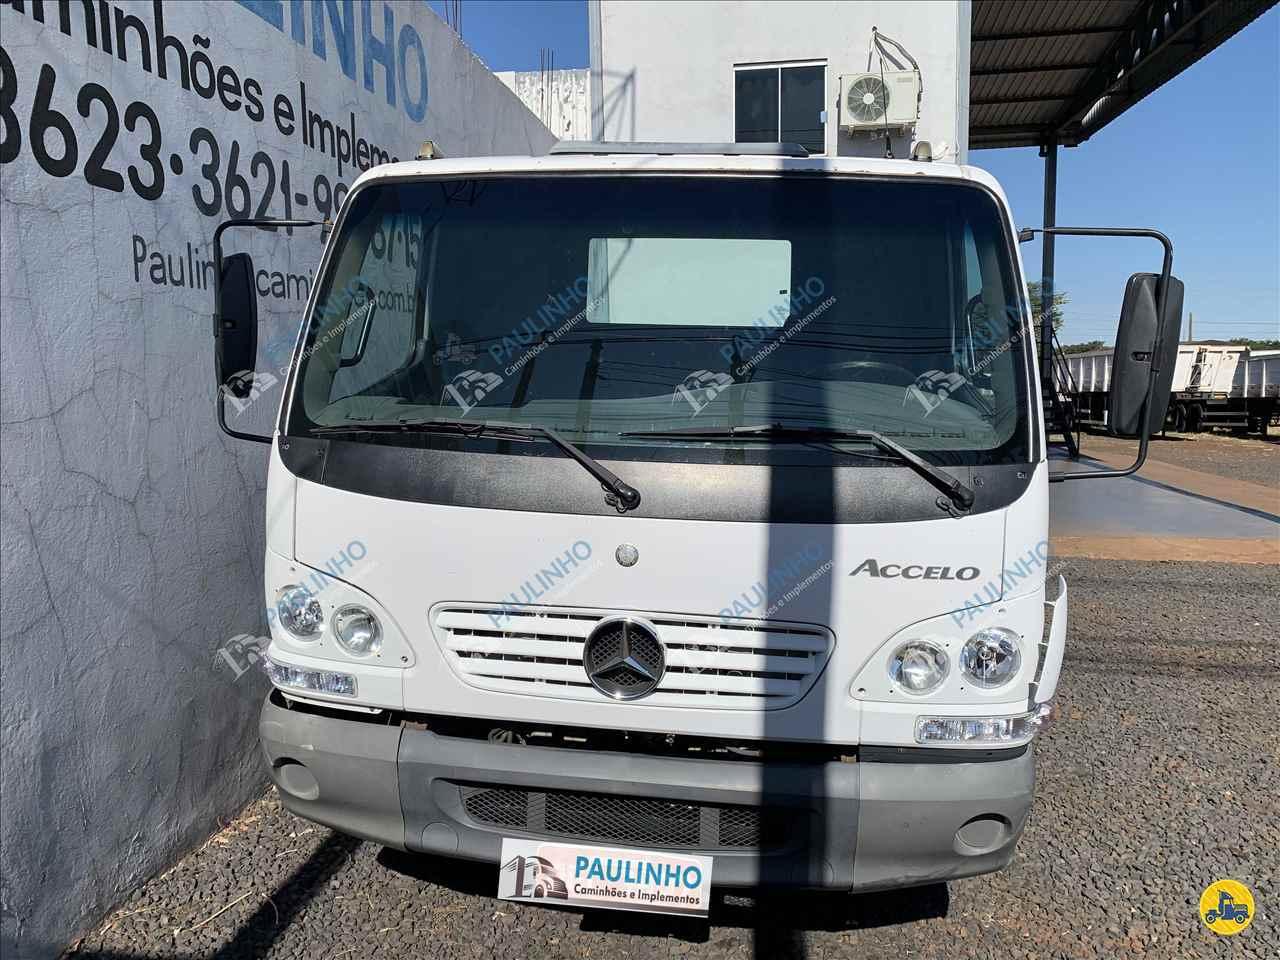 CAMINHAO MERCEDES-BENZ MB 915 Chassis 3/4 4x2 Paulinho Caminhões RIO VERDE GOIAS GO